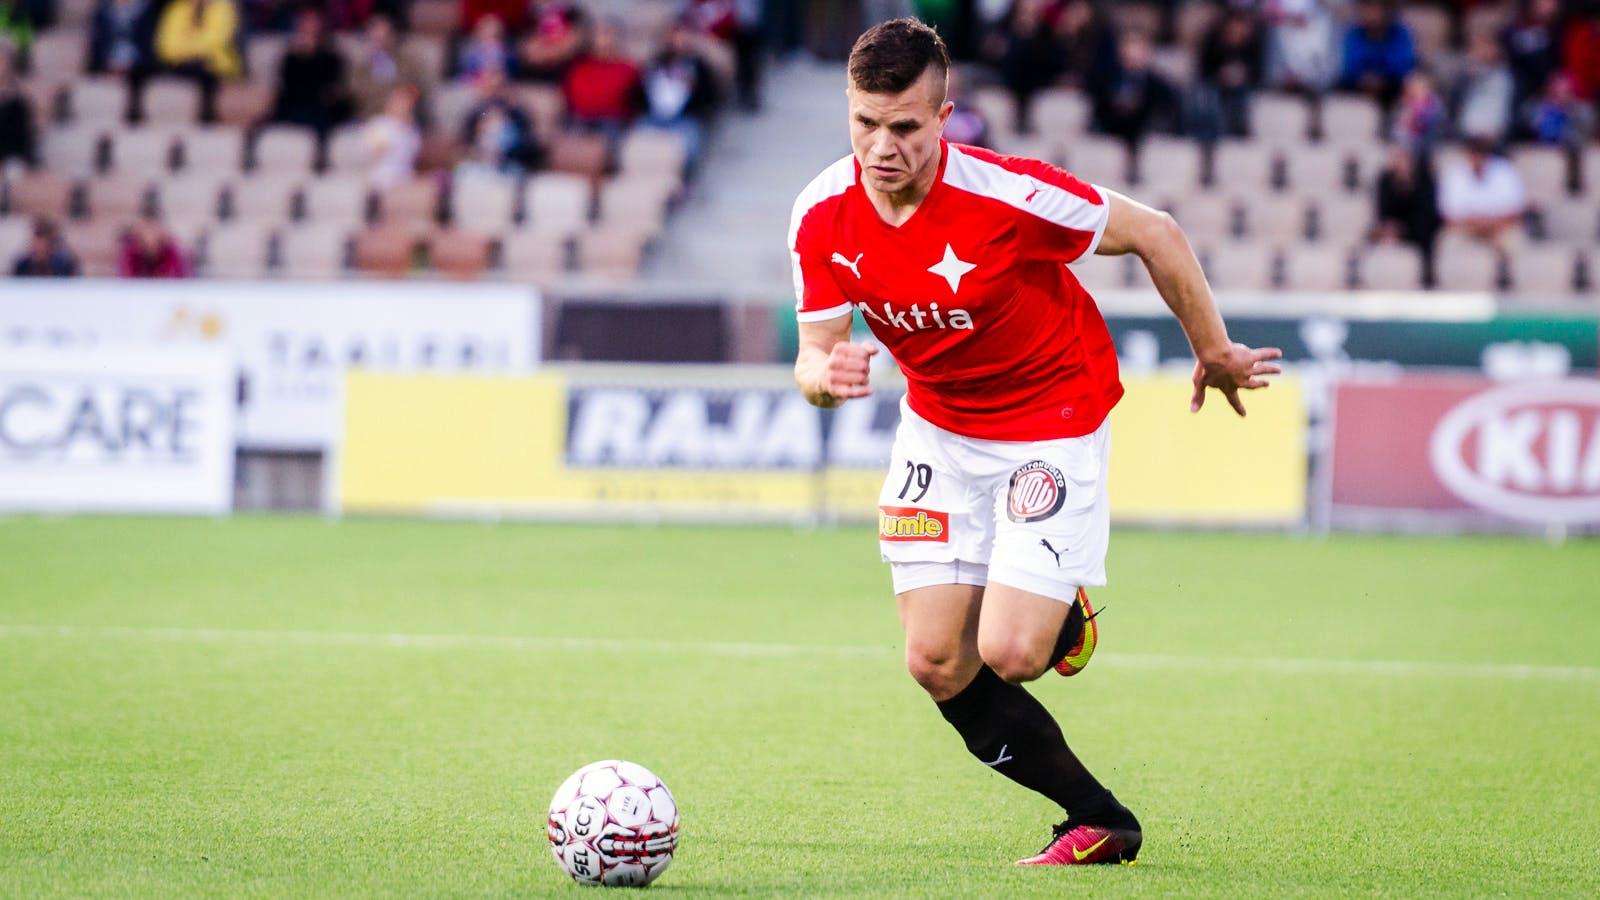 Aleksi Ristola pelasi ensimmäisen ottelunsa IFK-paidassa. Kuva: Riku Laukkanen